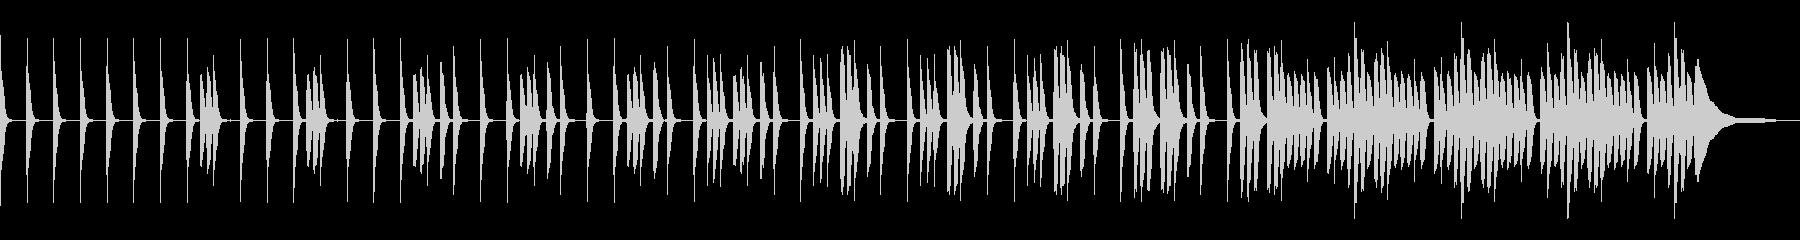 ピアノ・ミニマル・バス停・片思いの同級生の未再生の波形